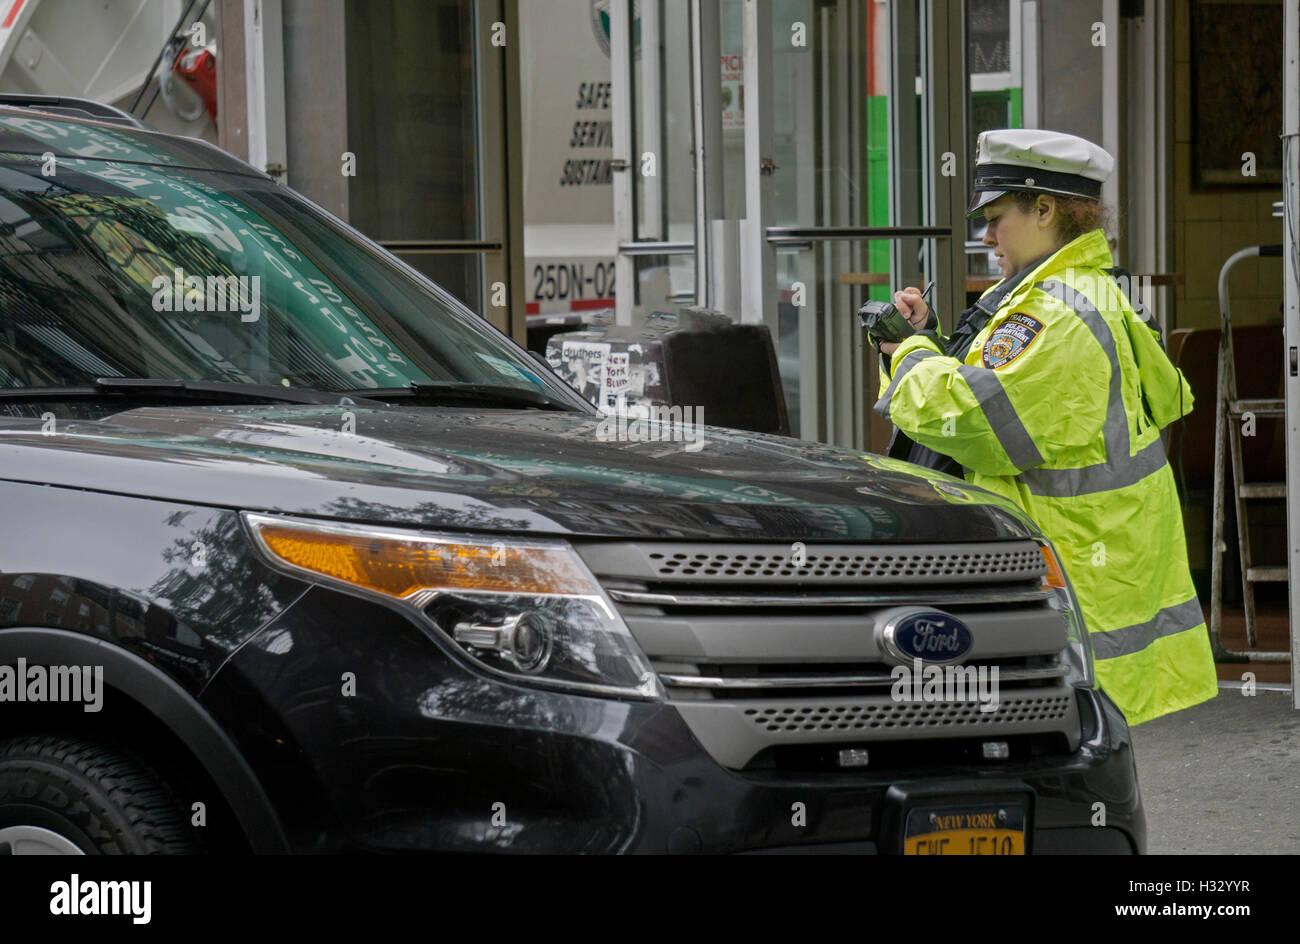 Ein New York City Polizei-Abteilung Verkehr-Agent mit einem tragbaren elektronischen Ticket ausstellen Maschine Stockbild